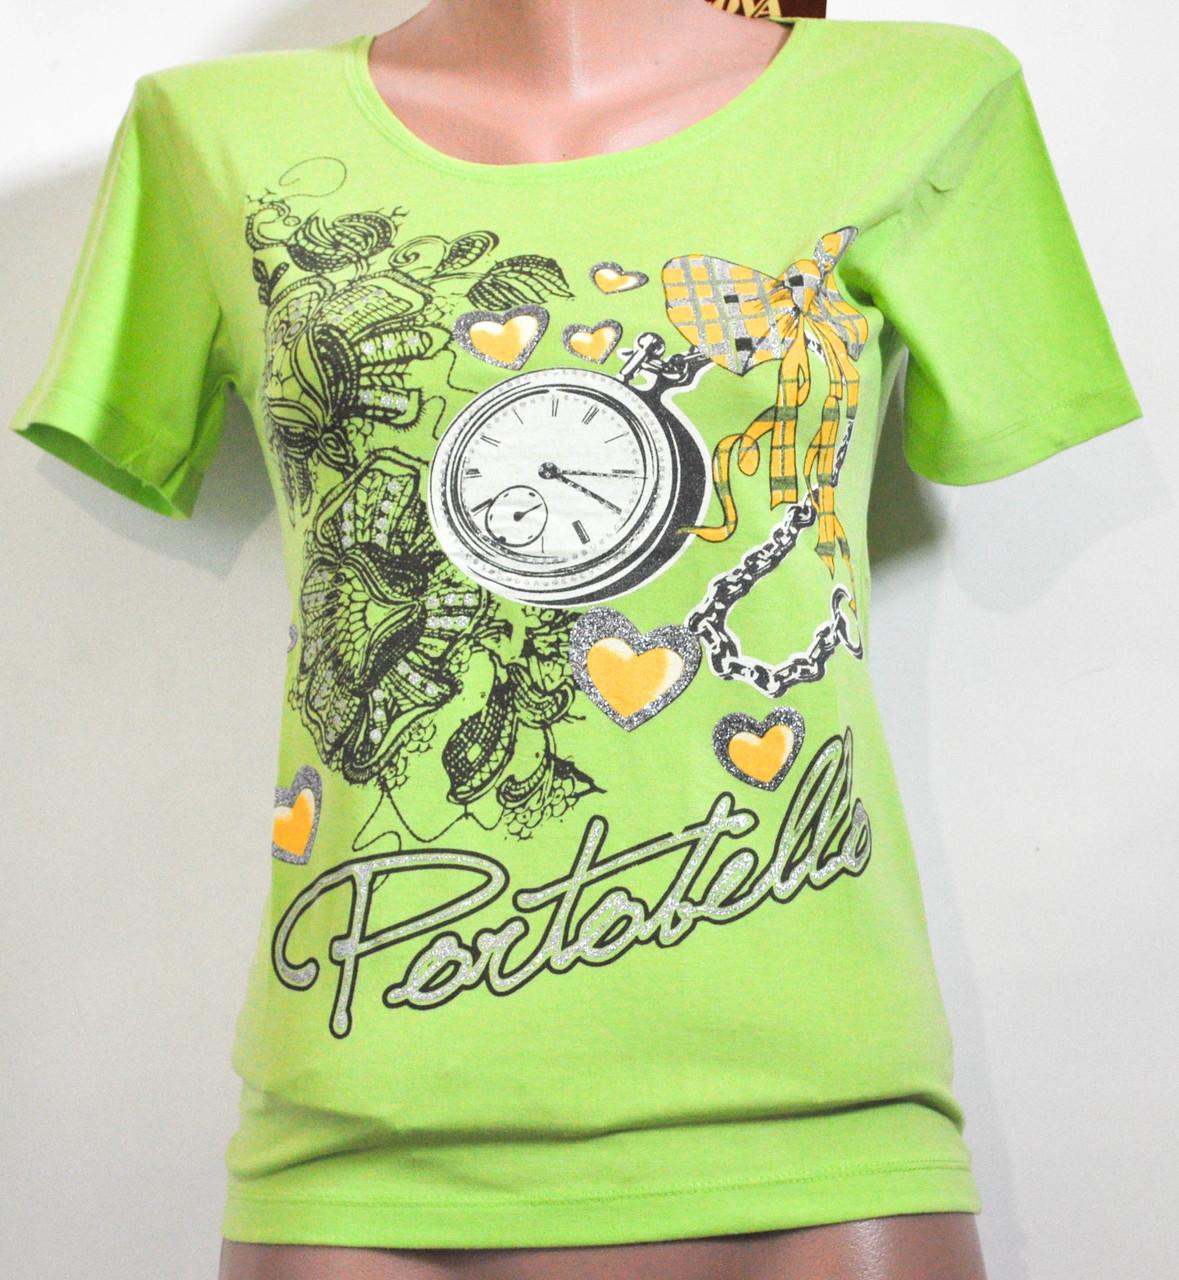 Купить женскую футболку оптом дешево оптом в Одессе на рынке 7 км 25 ... 8297cebb623a7